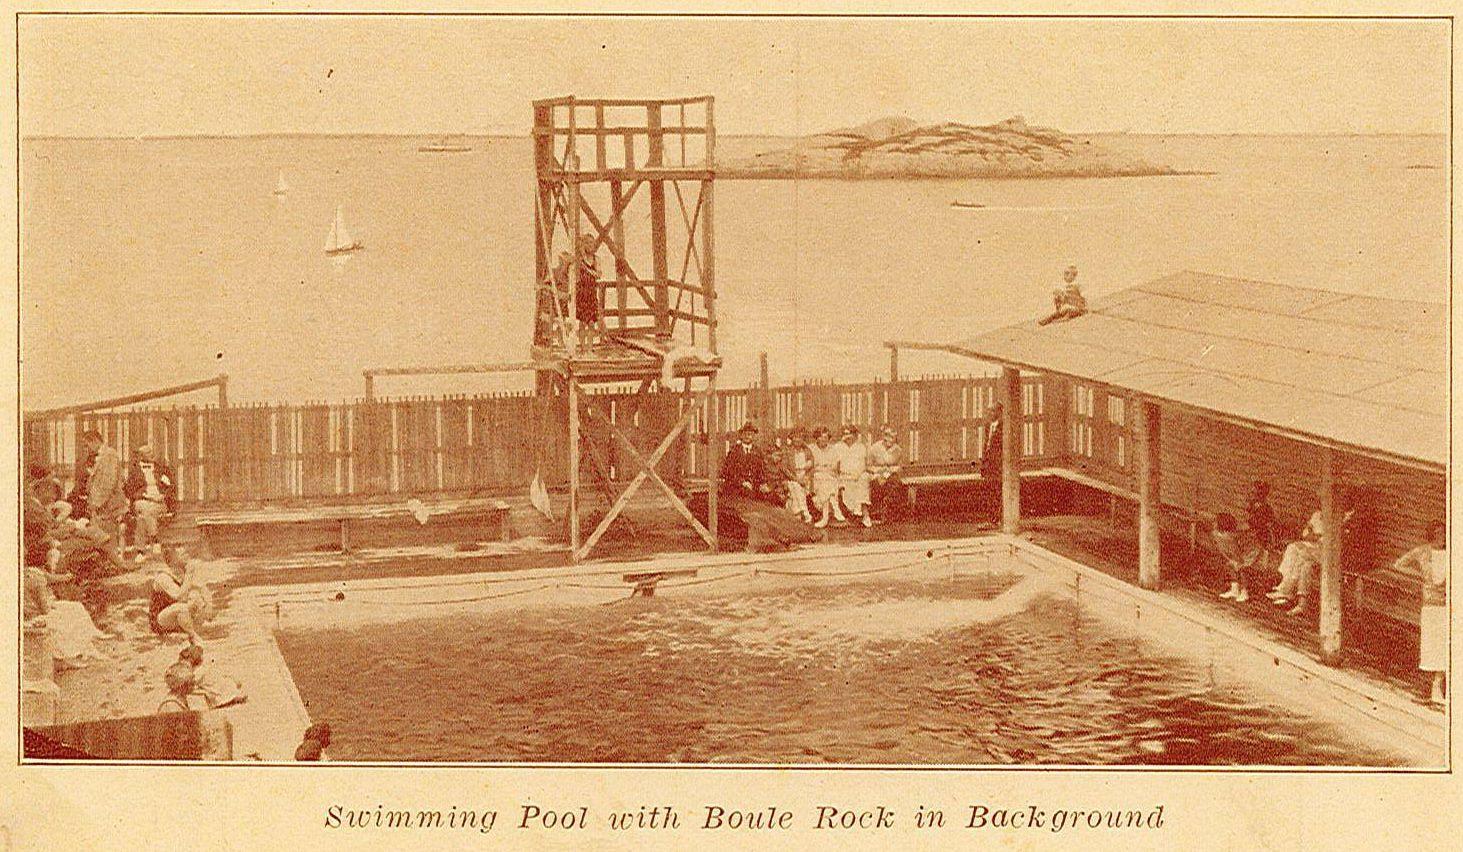 Plusieurs personnes se trouvent autour d'une piscine clôturée, avec un grand plongeoir.